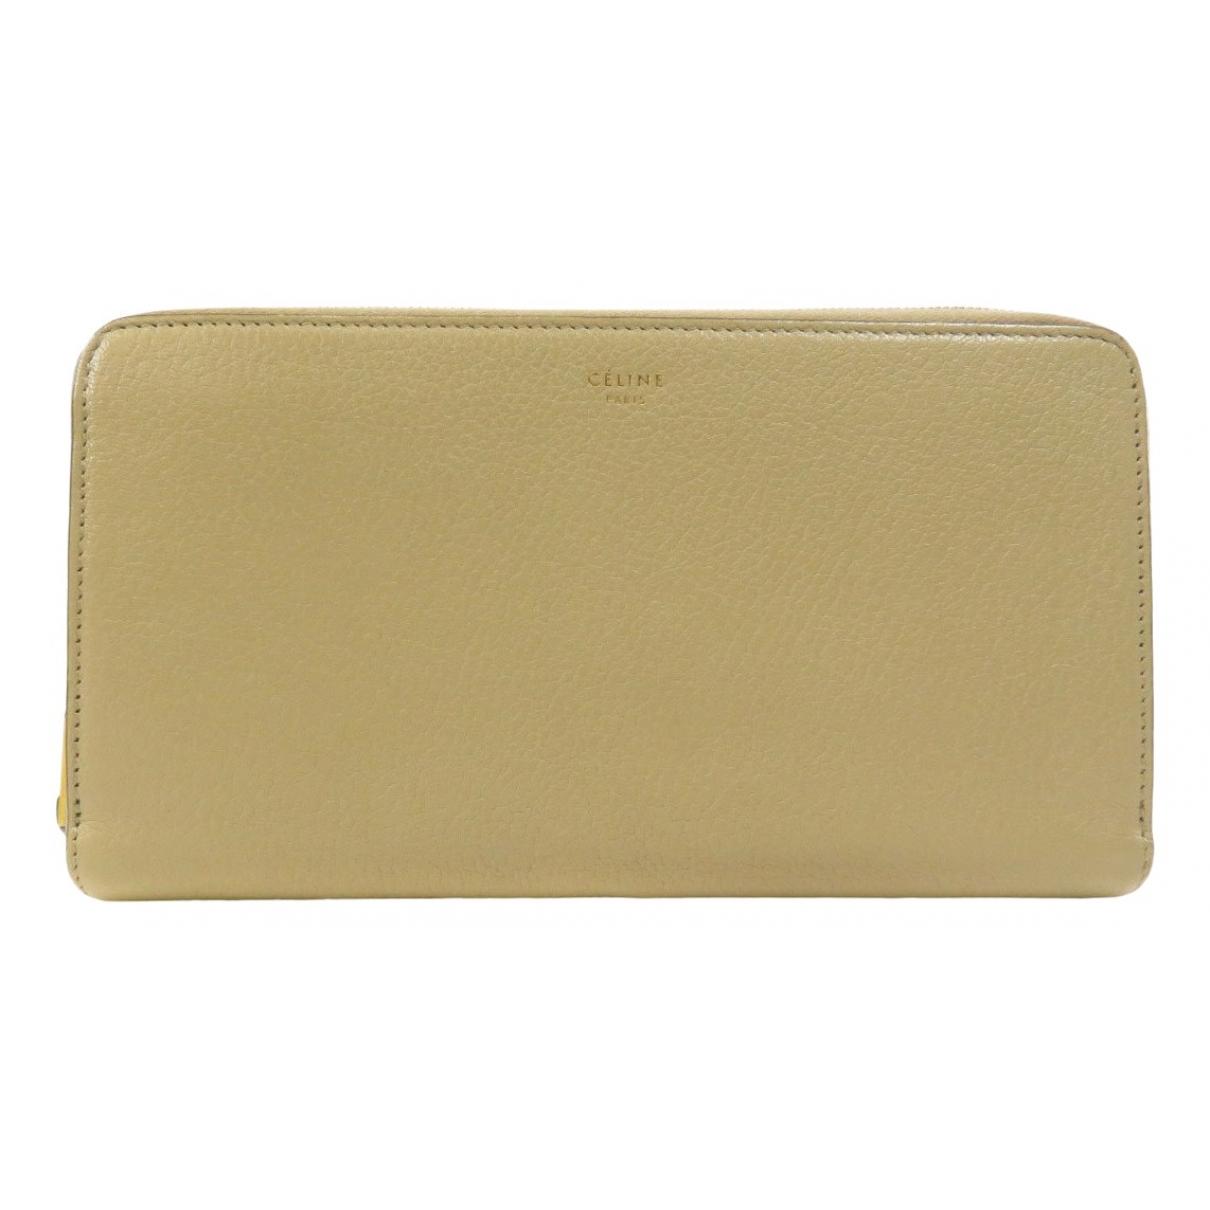 Celine - Portefeuille   pour femme en cuir - beige